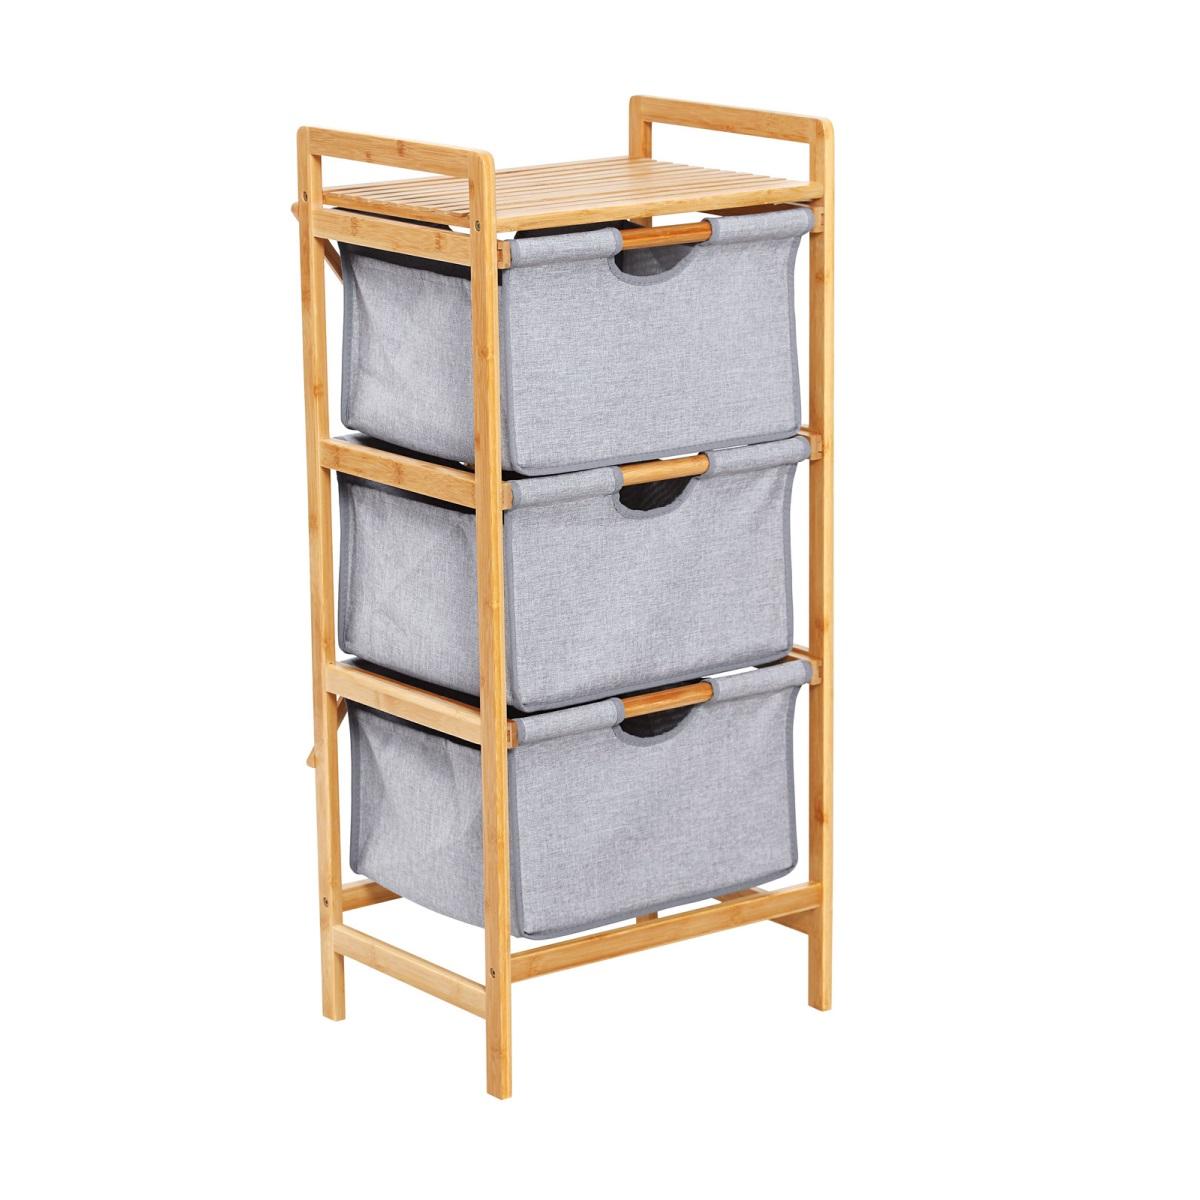 Full Size of Bambus Regal Mit 3 Stoffboxen 96 Cm Bamboo Braun Grau Graues Bett Regale Aus Europaletten Schulte Modular Landhaus Weiß Schlafzimmer Schmal Usm Haller Regal Graues Regal